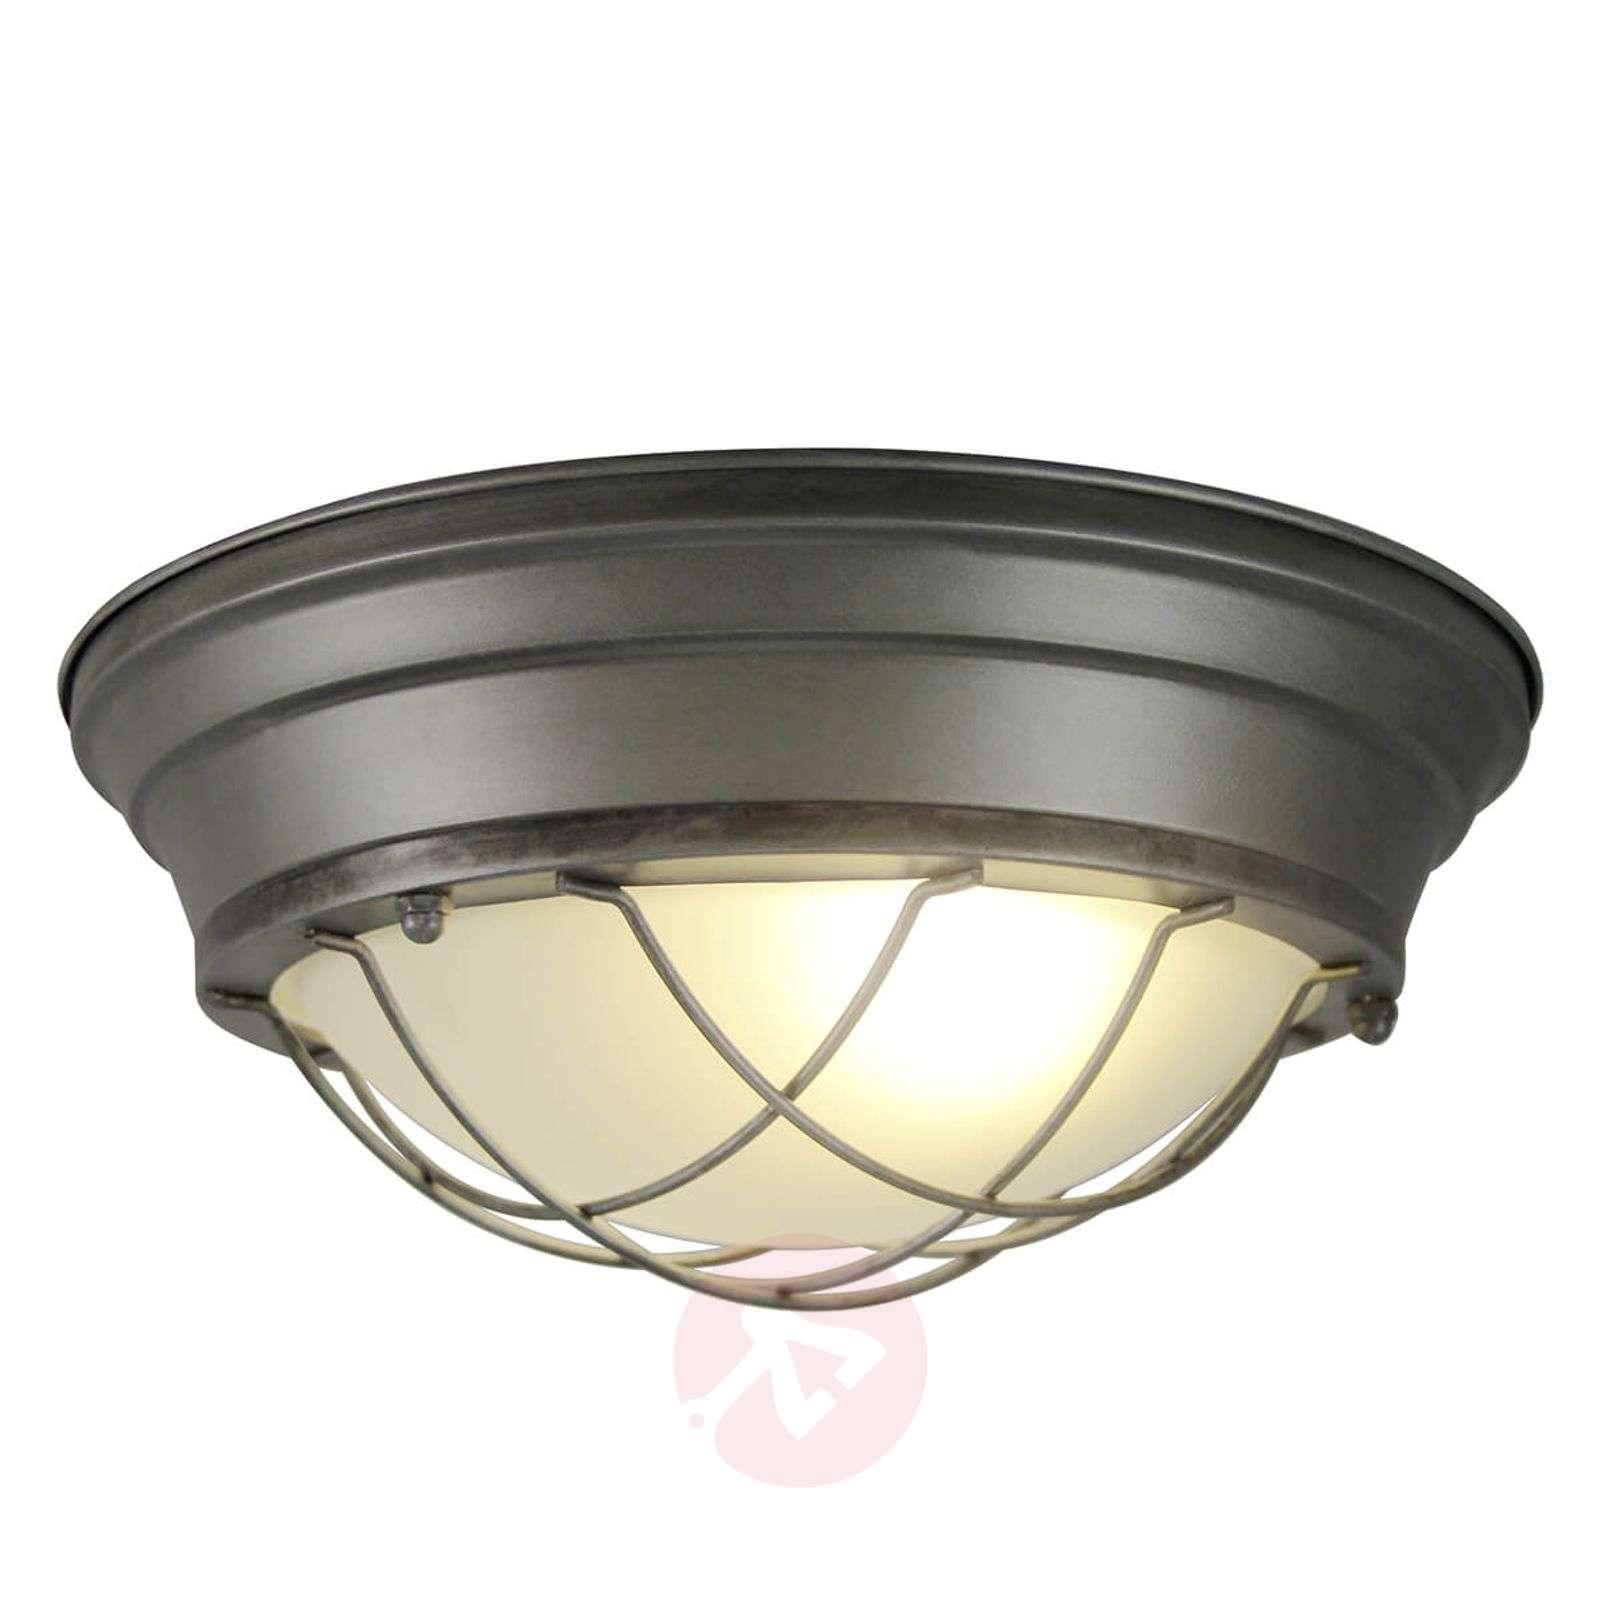 Typhoon-kattovalaisin häikäisemättömällä valolla-1509380-01